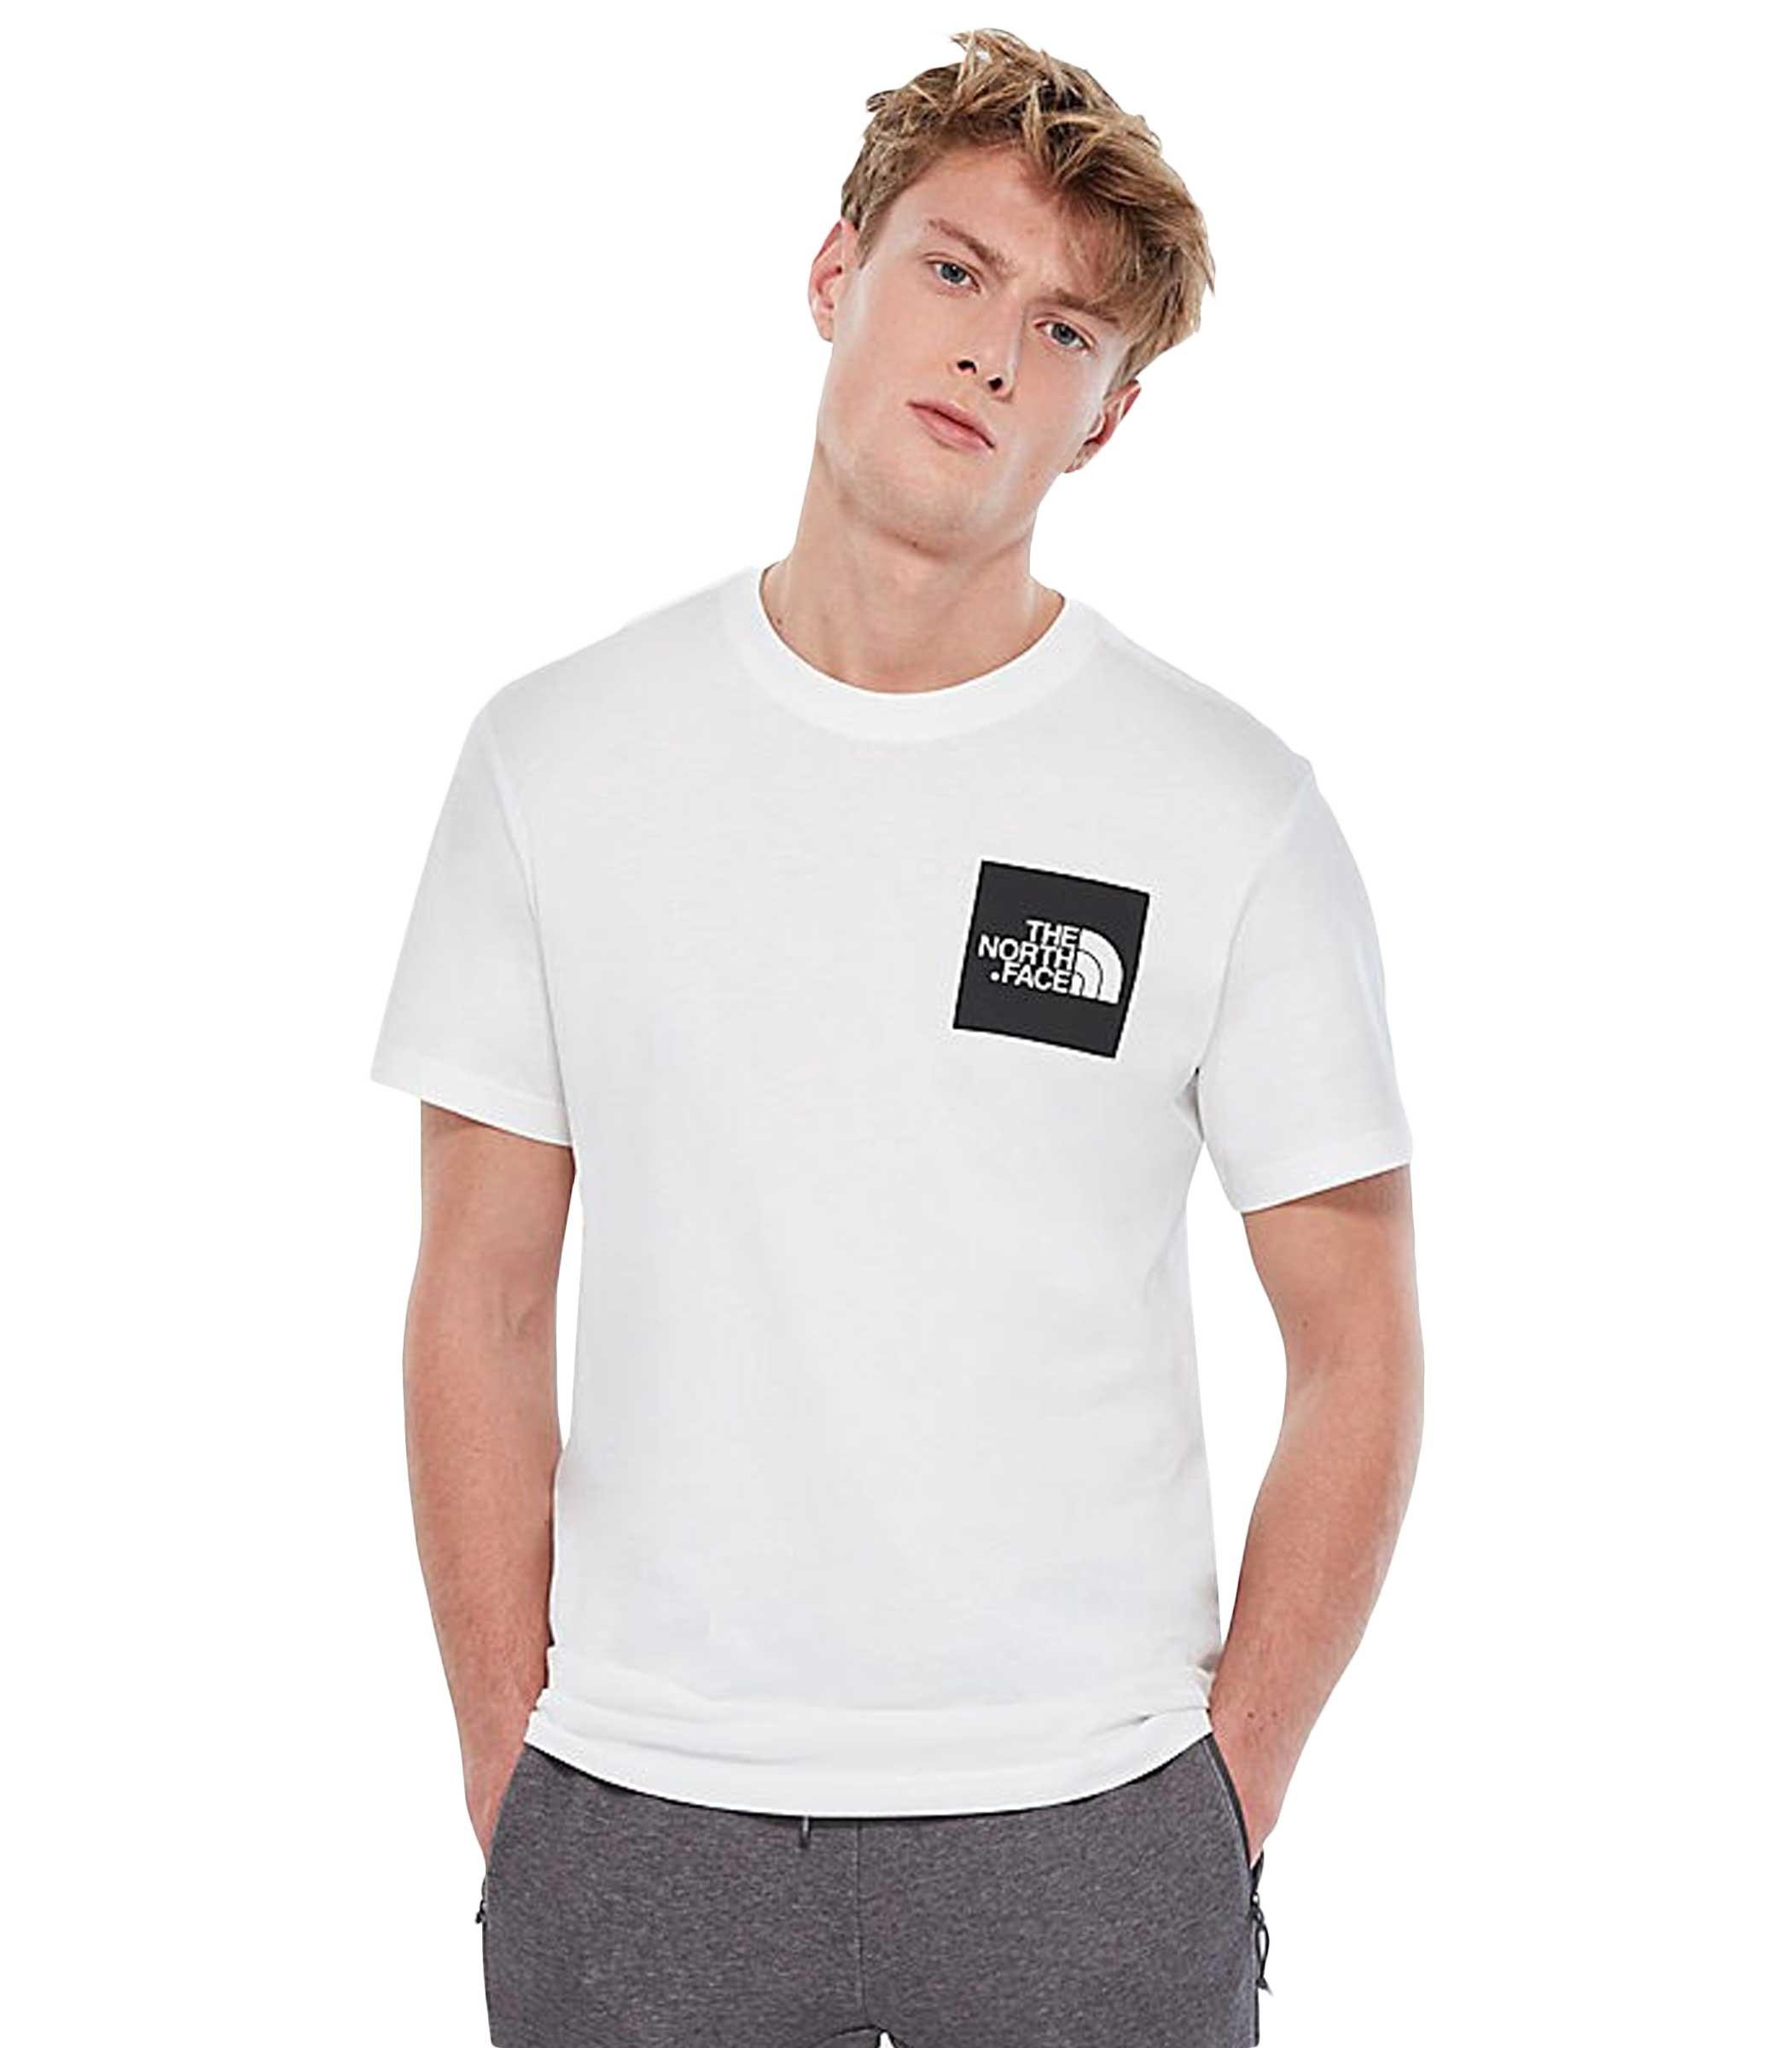 new concept 6ed1c 44c8b T-shirt THE NORTH FACE con stampa con logo da uomo bianca ...